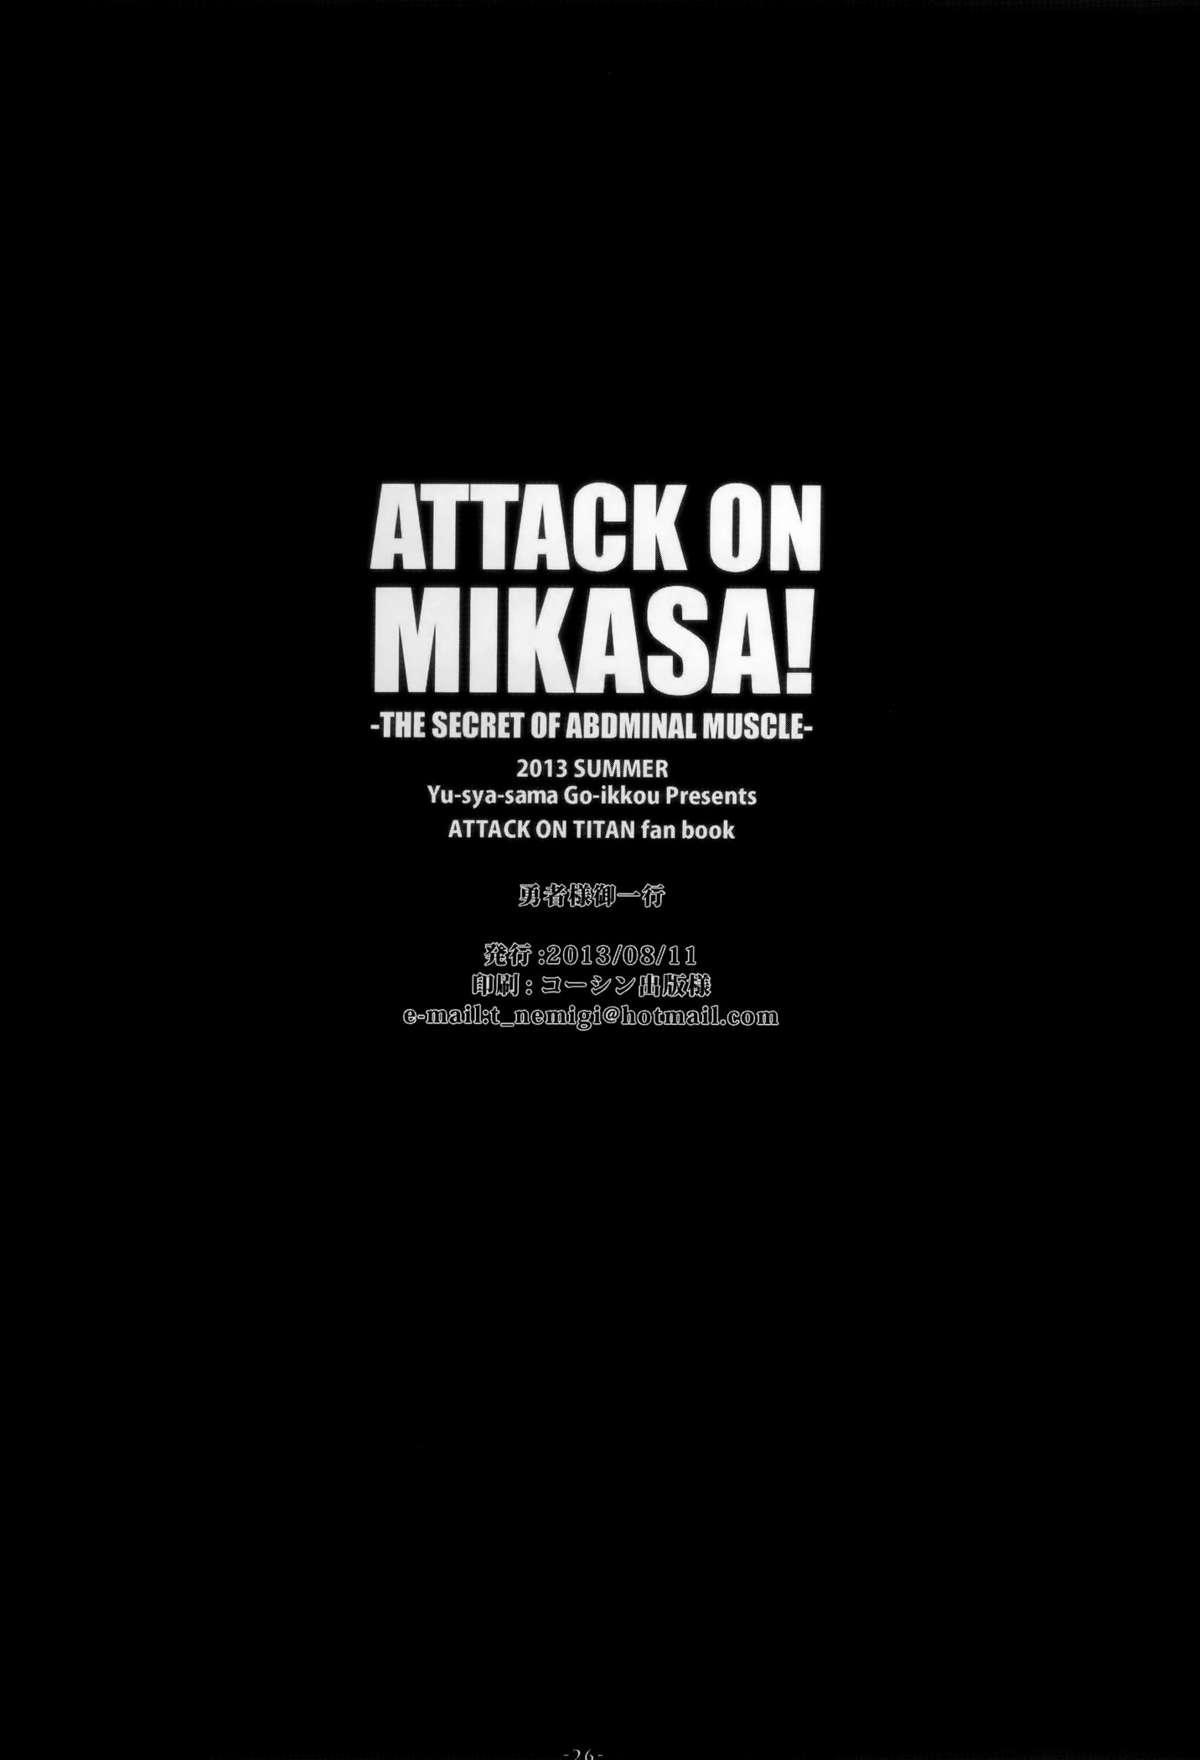 ATTACK ON MIKASA 24